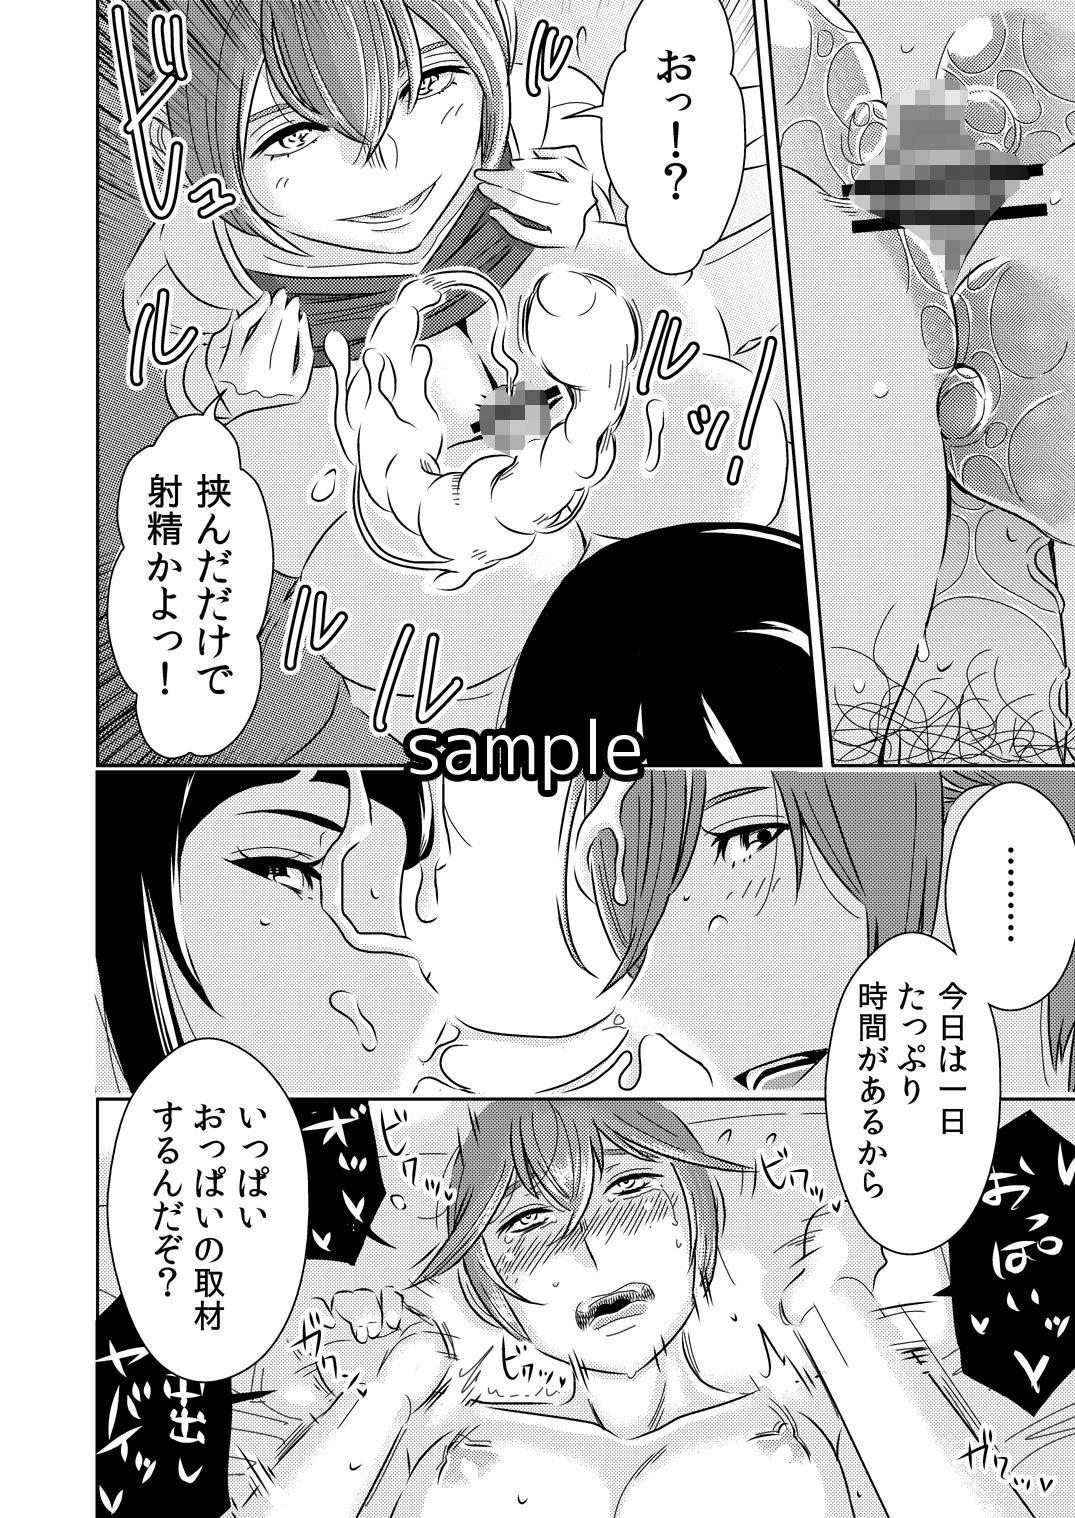 憧れの先輩に 〜僕のおねえちゃん〜のサンプル画像2